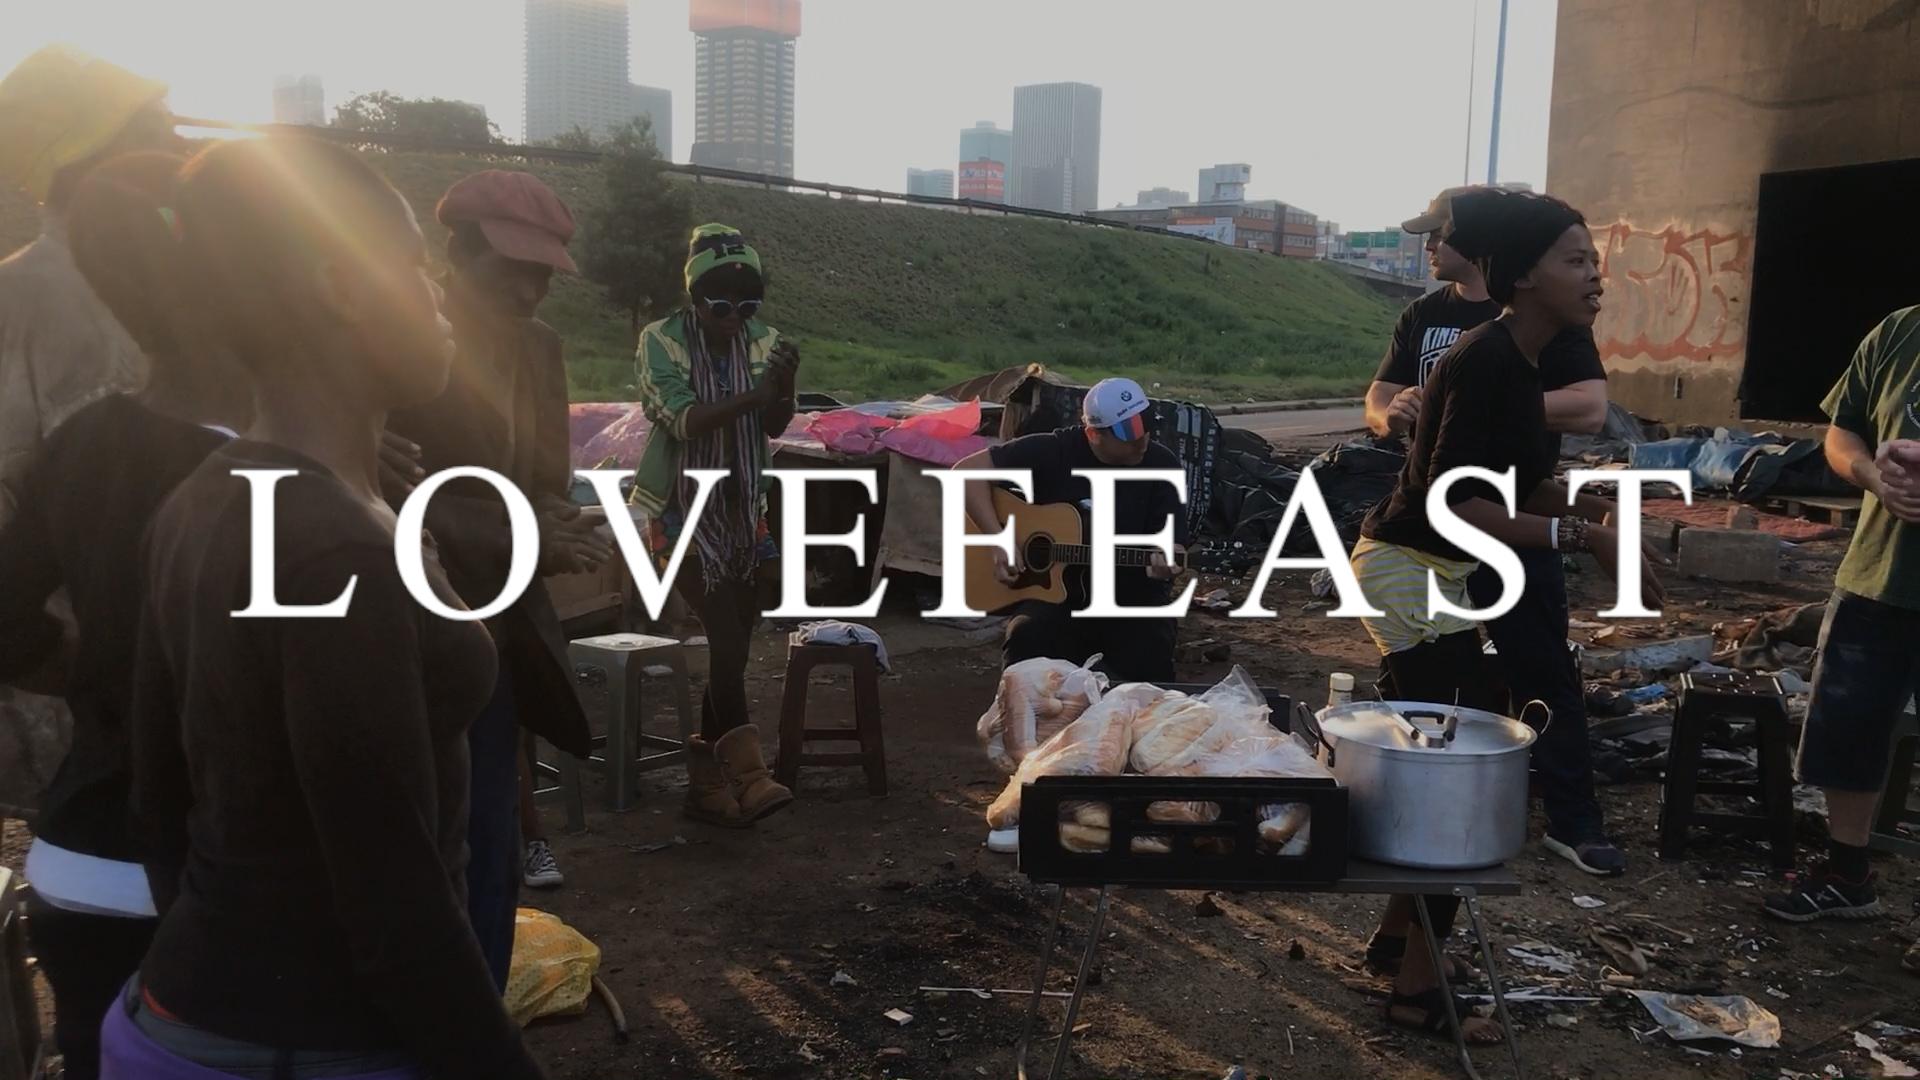 My RØDE Reel 2020 - Lovefeast Documentary